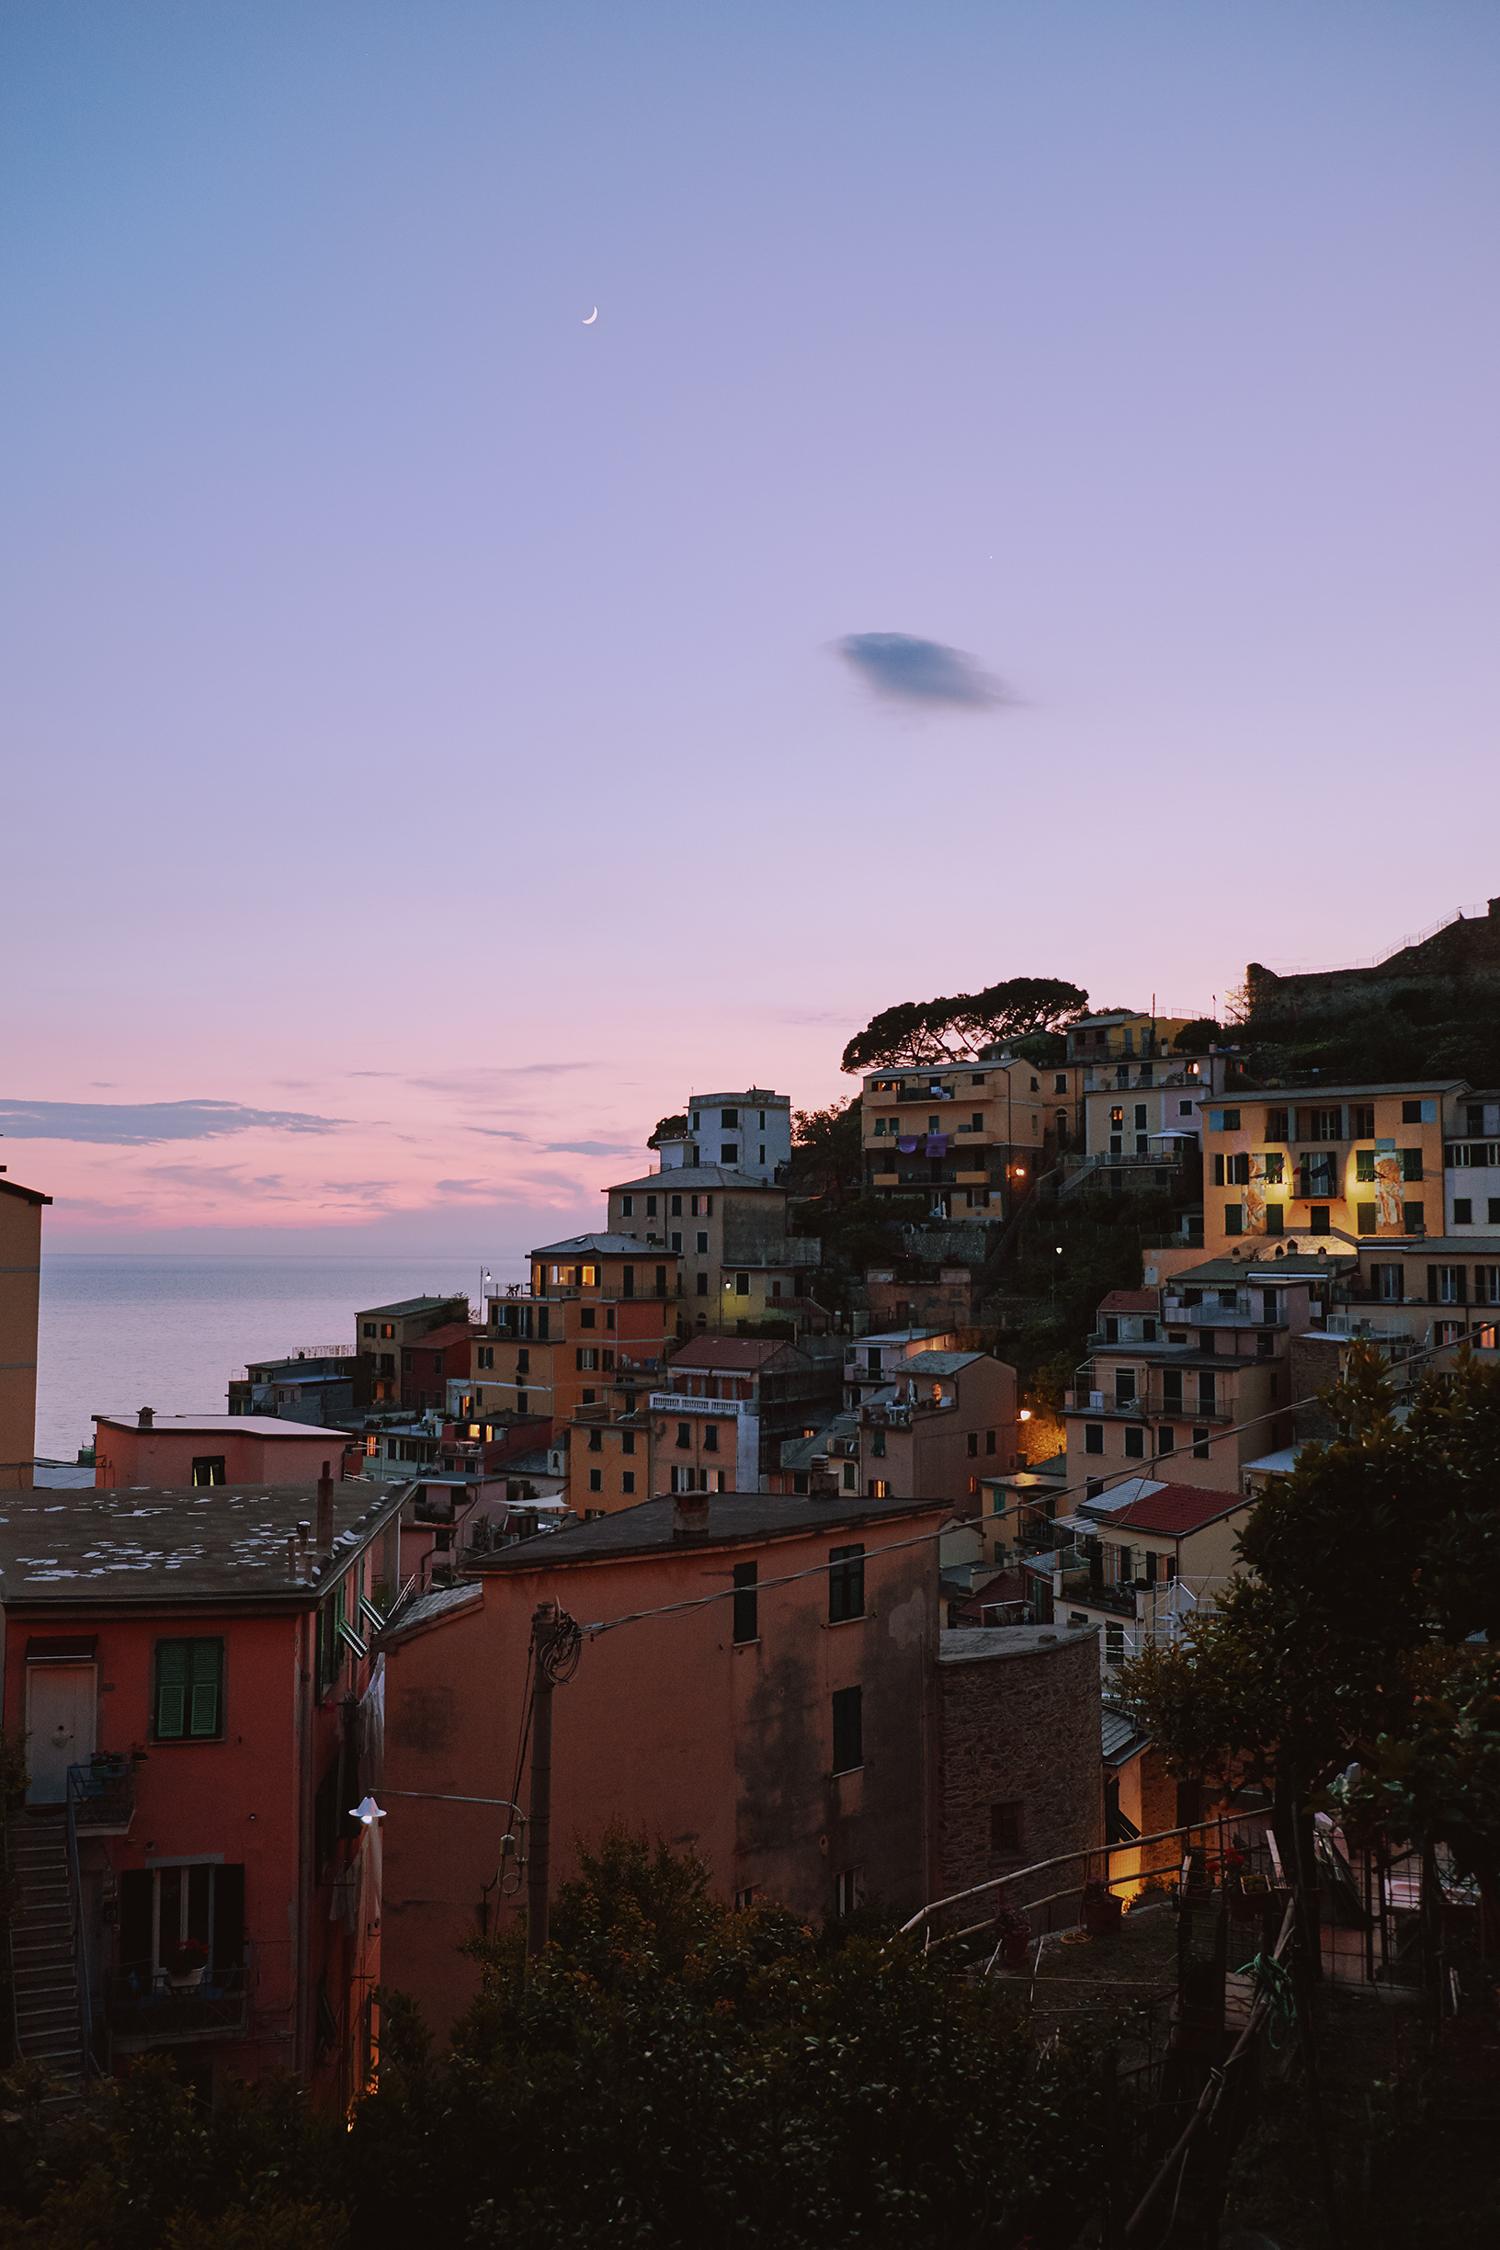 Cinque Terre; das sind fünf kleine Ortschaften an der italienischen Rivera. Meine Tipps und Erfahrungen für einen Besuch des UNESCO Weltkulturerbes.